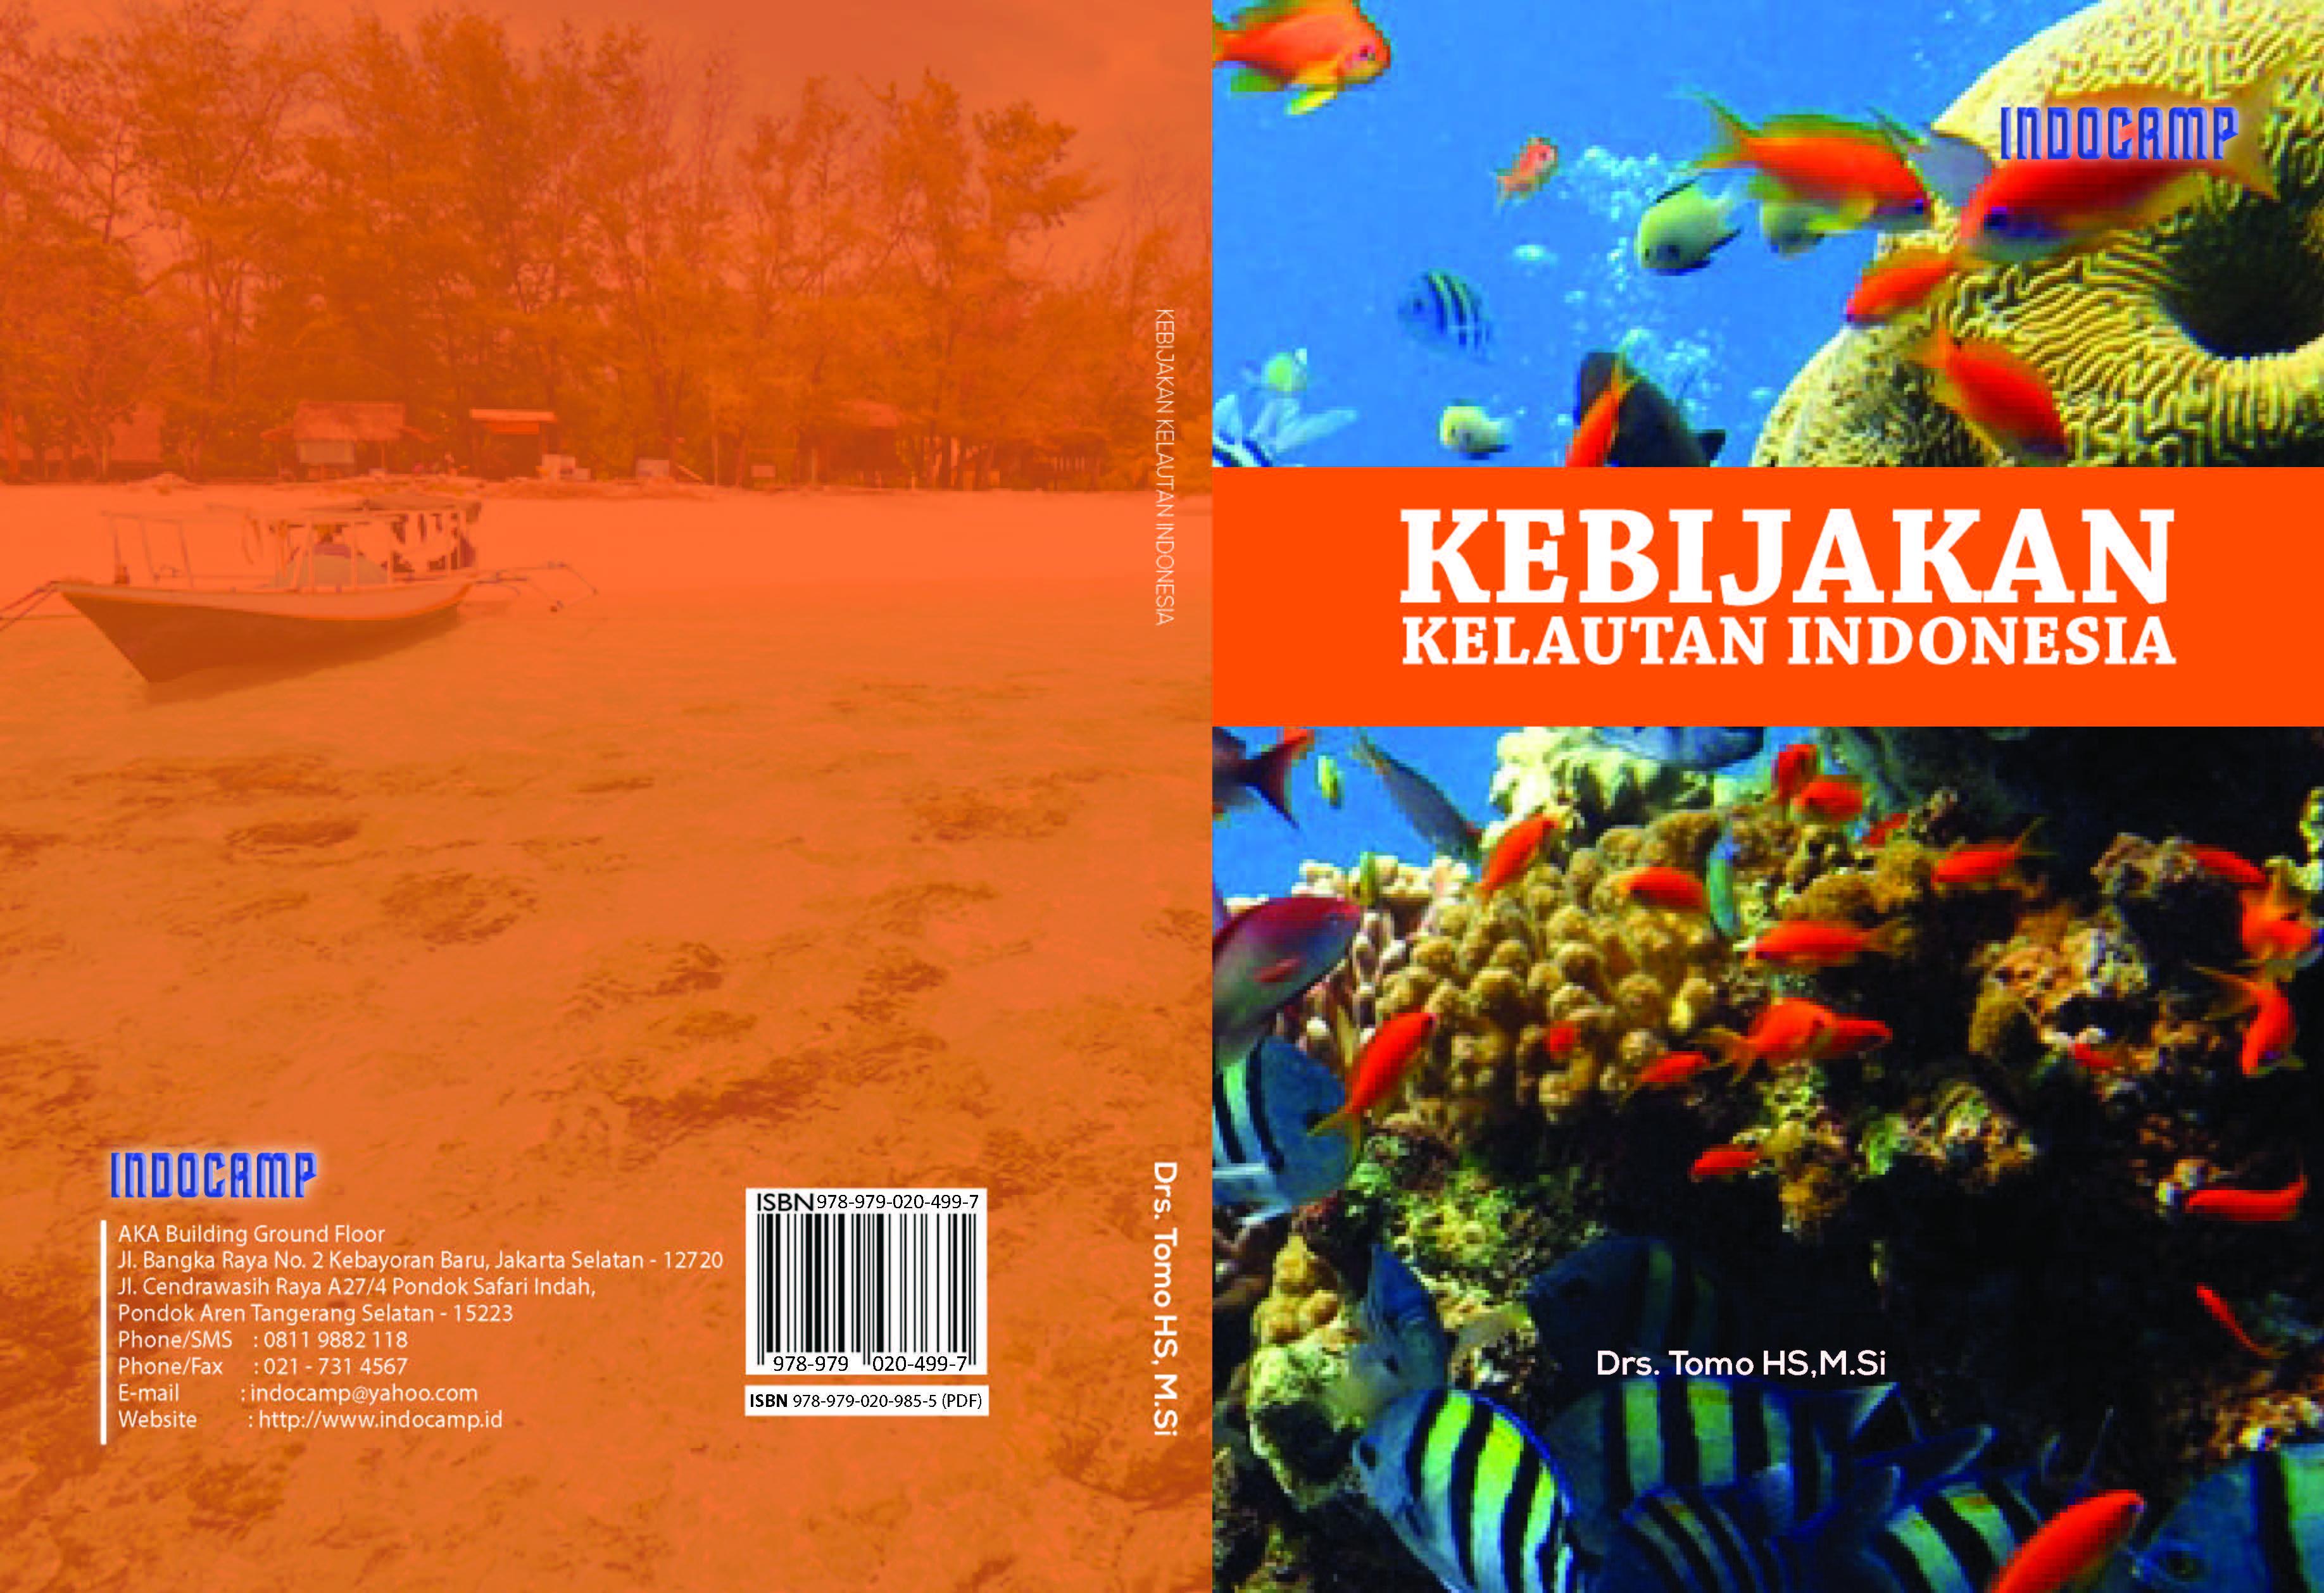 Kebijakan kelautan Indonesia (KKI) [sumber elektronis]